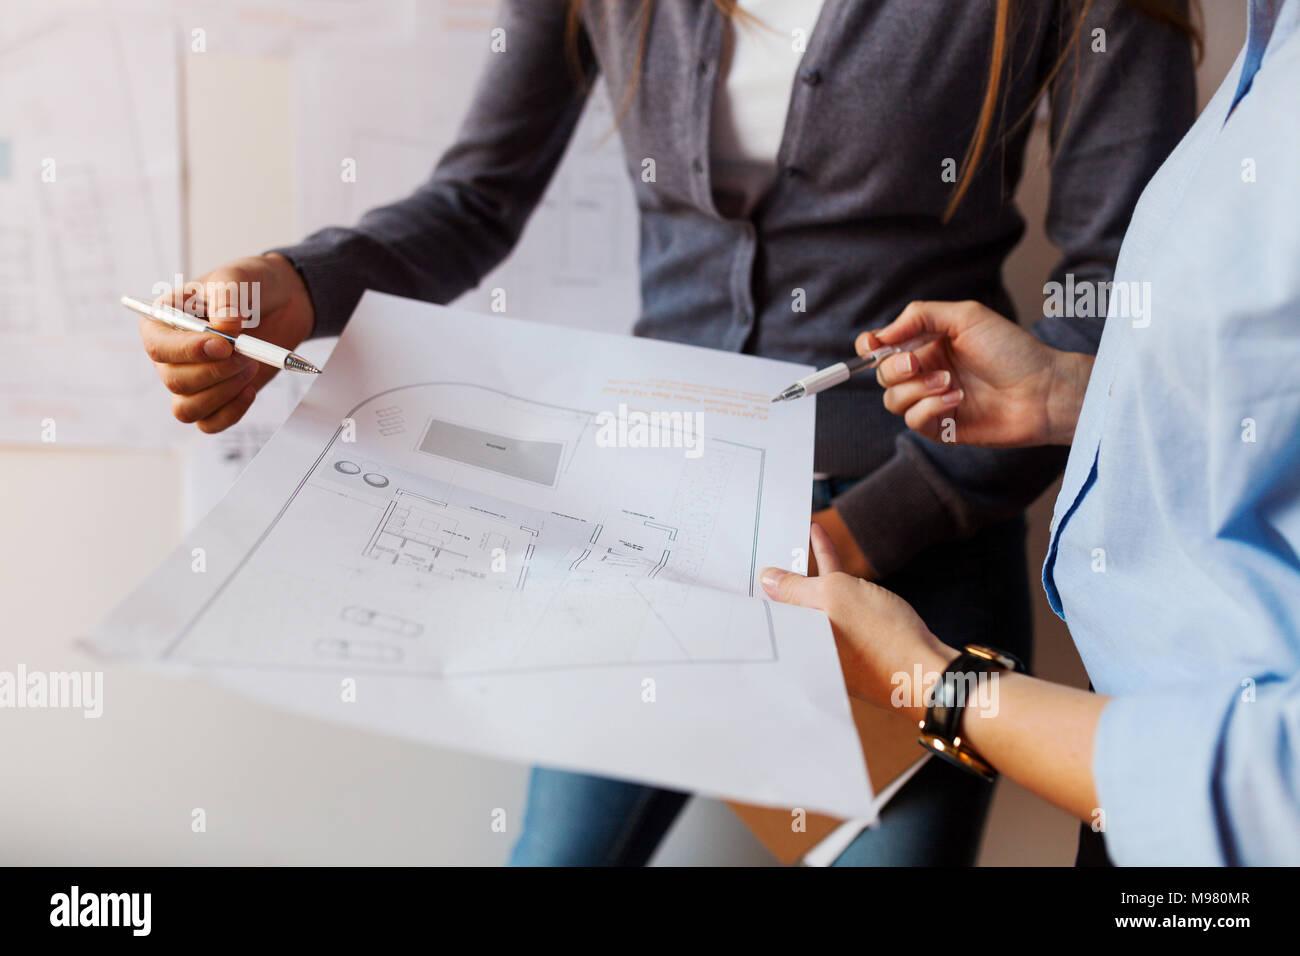 Mujeres arquitectos que trabajan en un proyecto, mirando blueprint Imagen De Stock